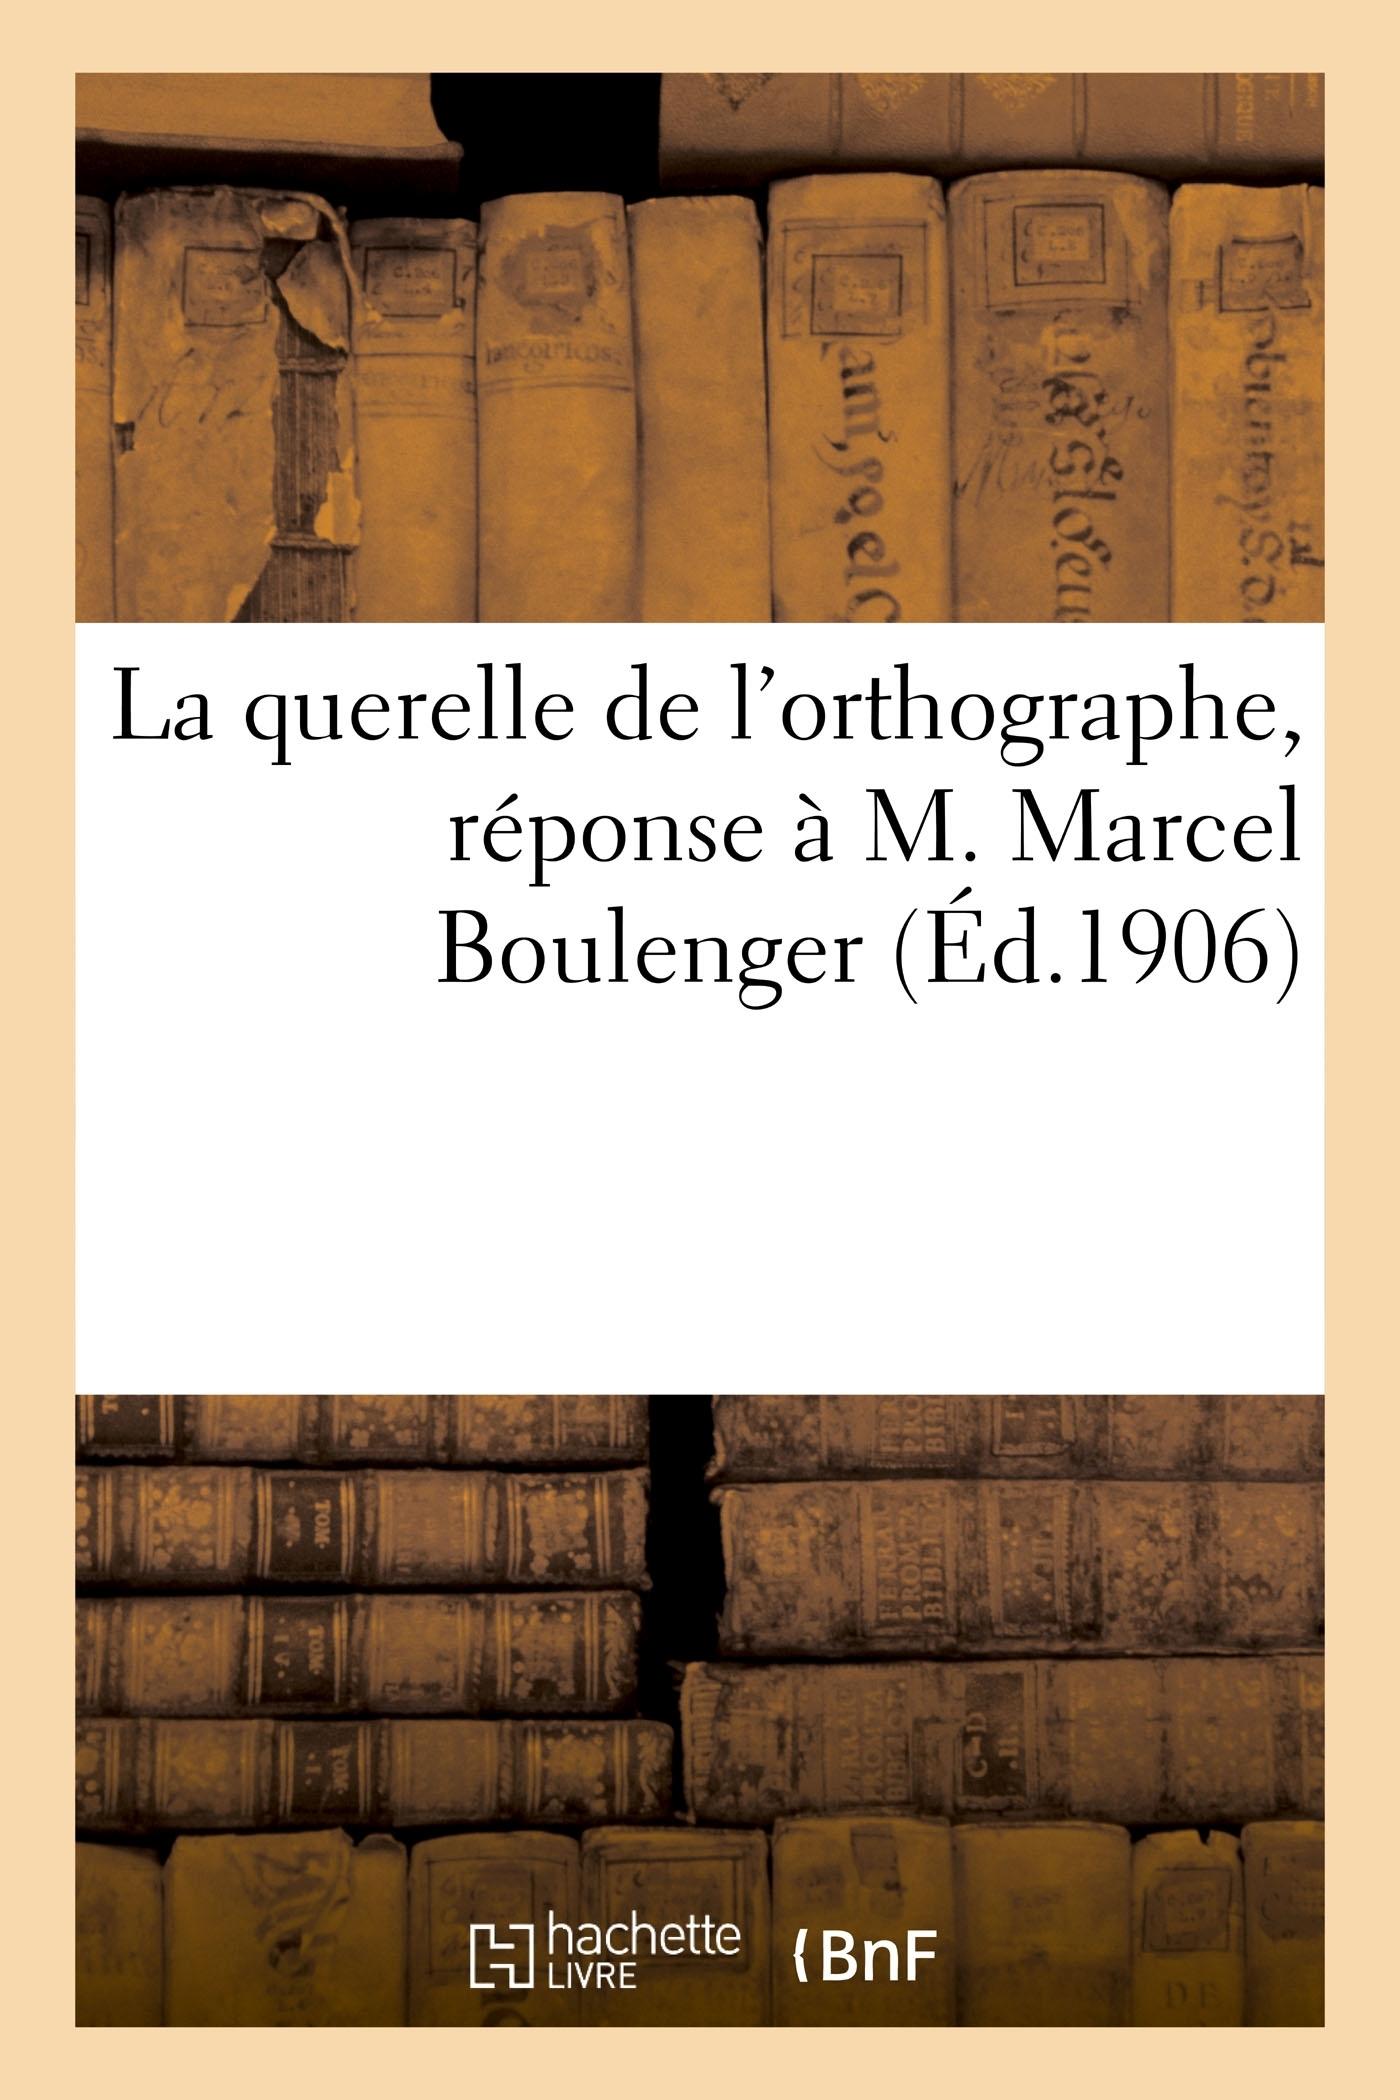 LA QUERELLE DE L'ORTHOGRAPHE, REPONSE A M. MARCEL BOULENGER